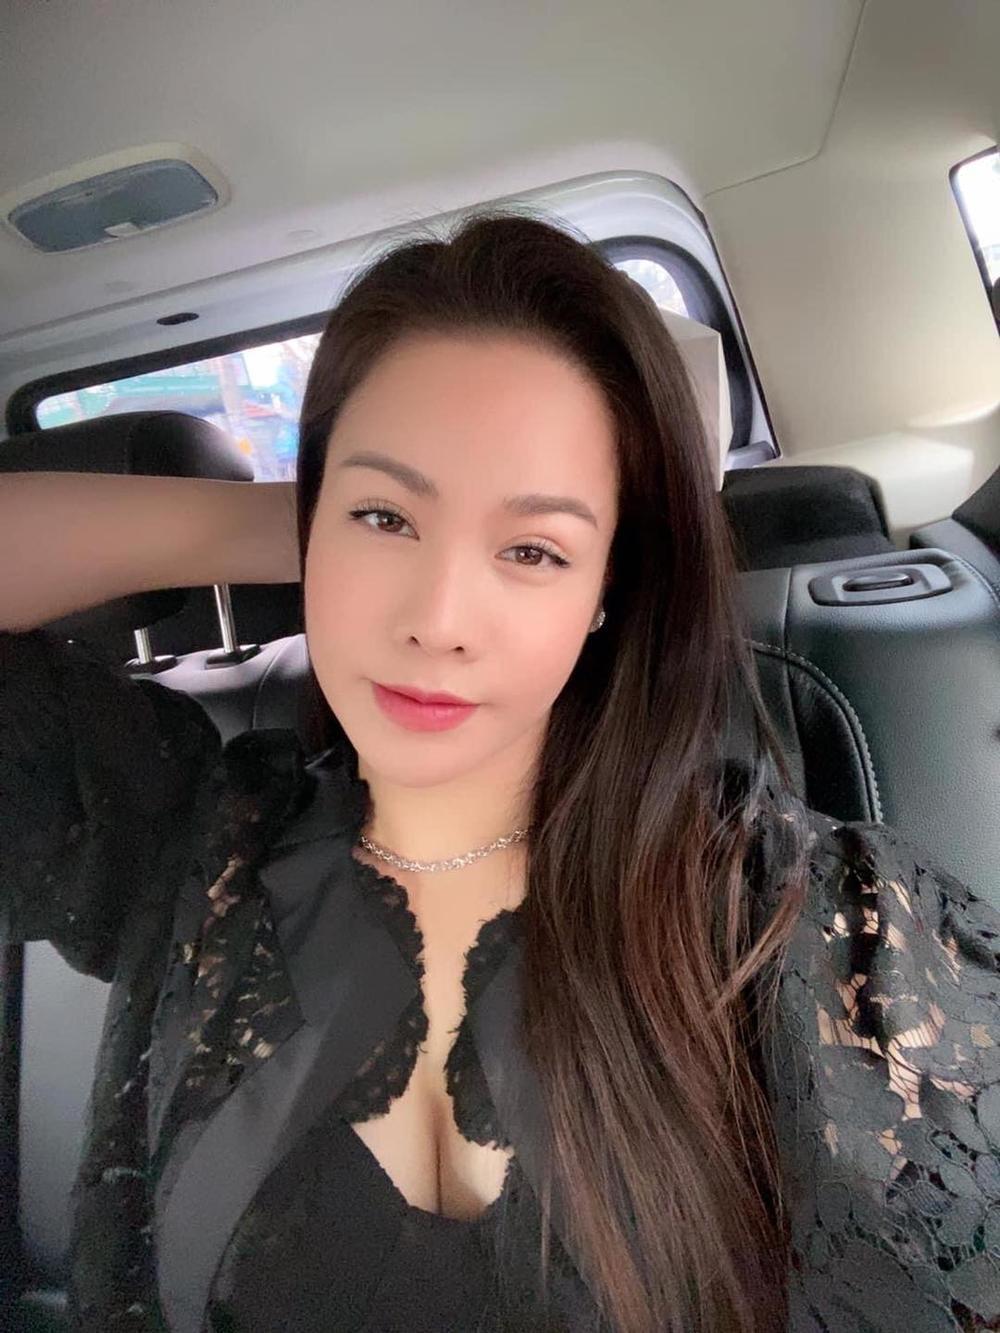 Mặc kệ ồn ào tình cảm với TiTi (HKT), Nhật Kim Anh rạng rỡ khoe xe mới tiền tỷ: Phụ nữ tự chủ tài chính vẫn là tốt nhất Ảnh 4